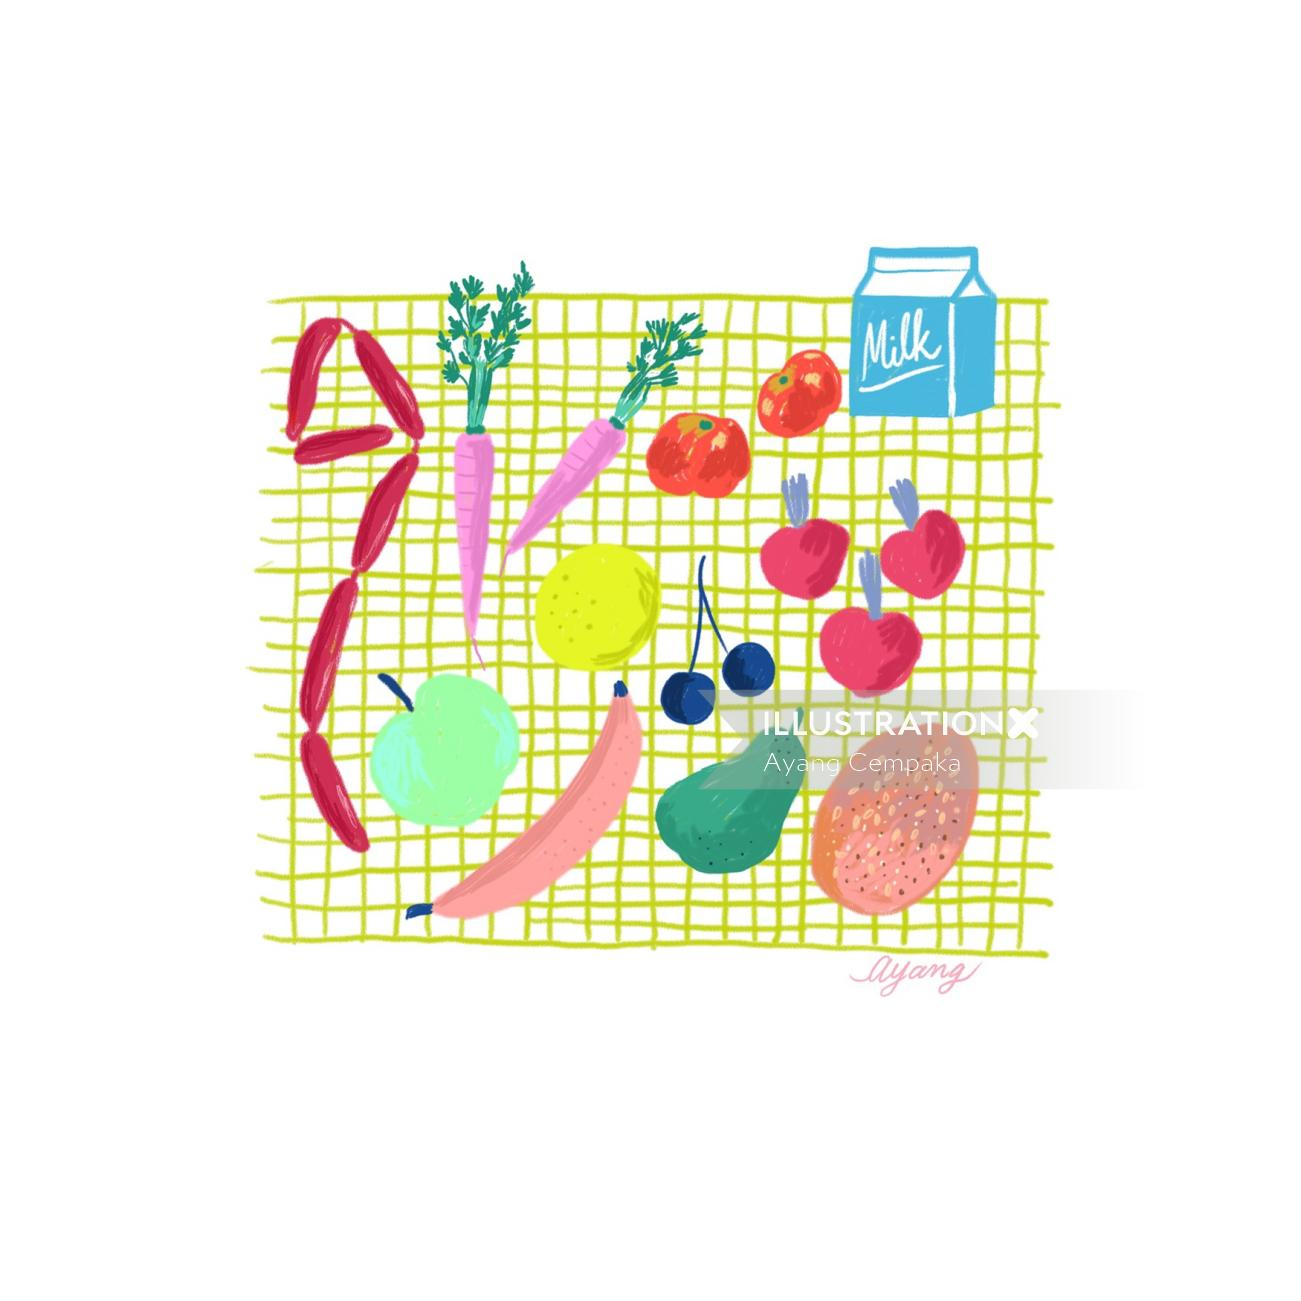 Food & Drink Vegetables milk